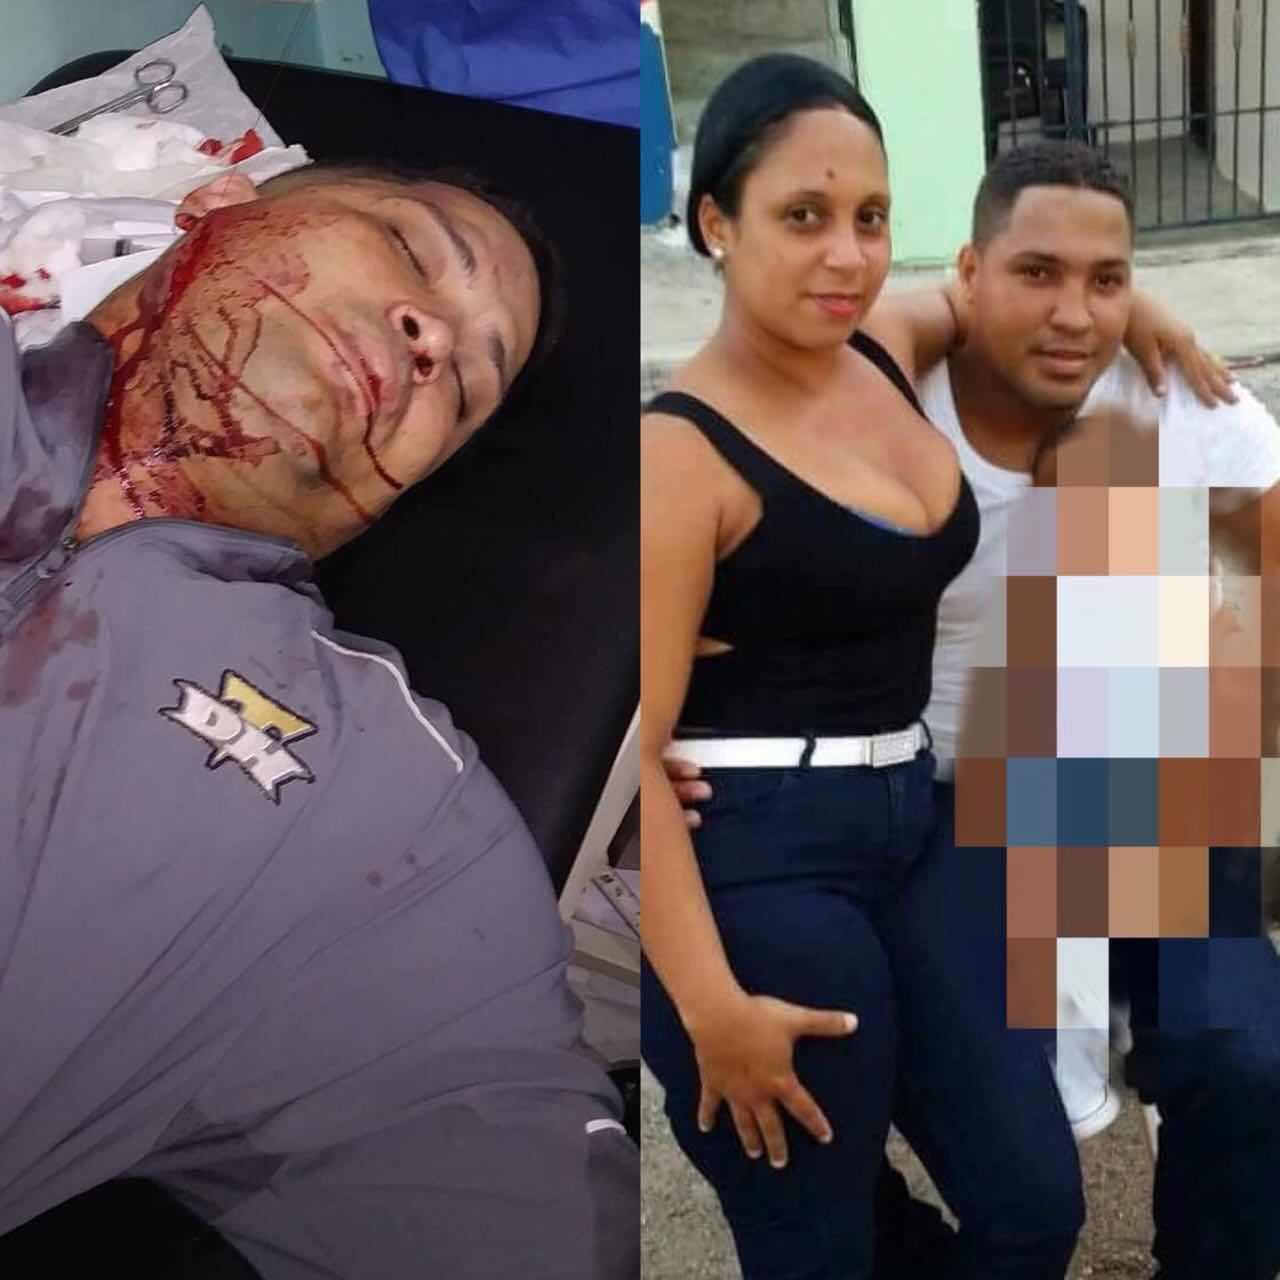 Dos militares resultan heridos en enfrentamiento por una mujer.